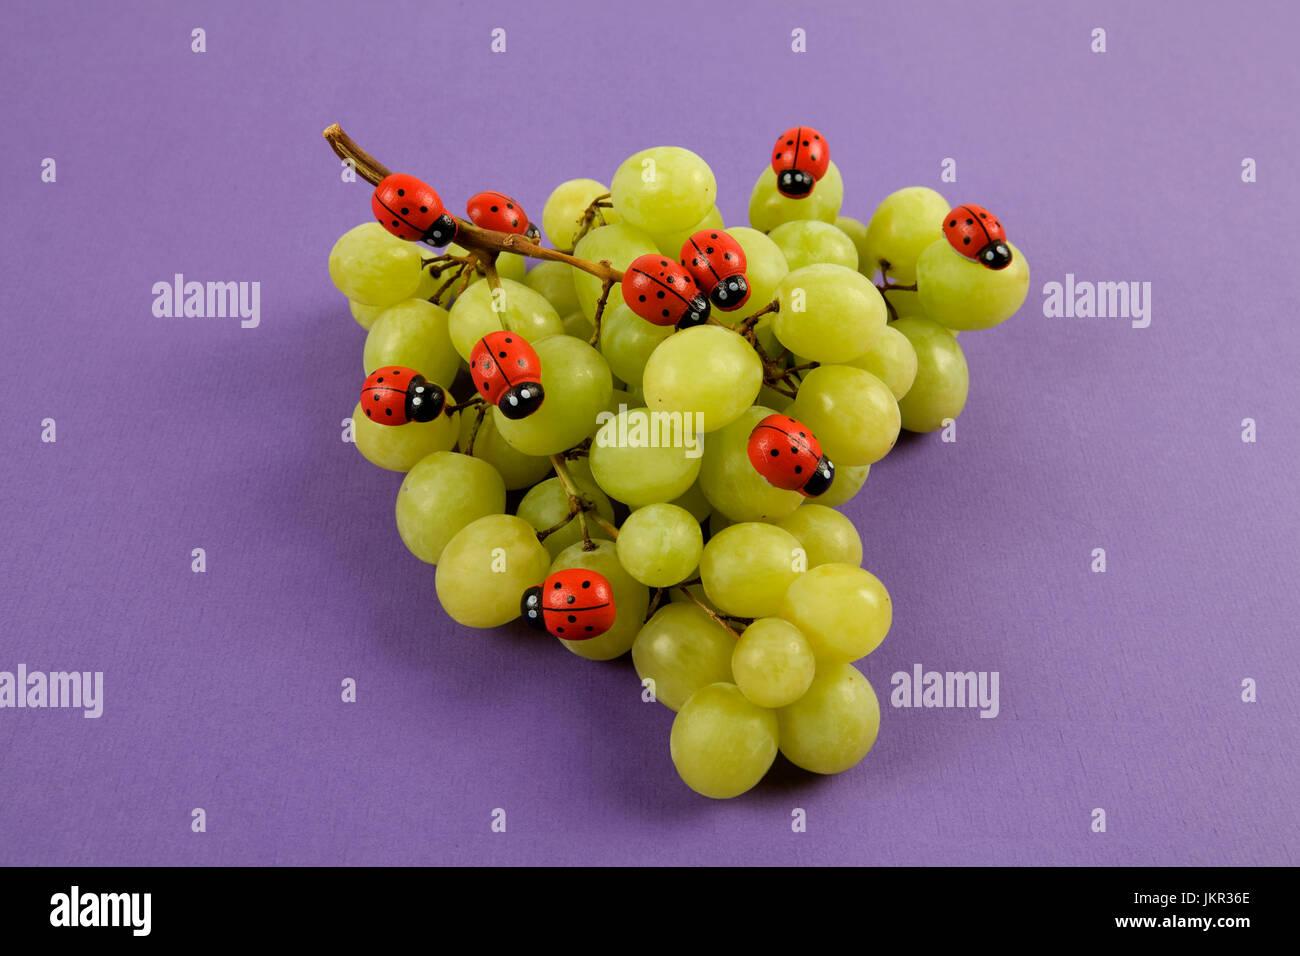 Invasion de coccinelles sur une grappe de raisins. Un éclat de couleur turquoise ou violet. Minimaliste still Photo Stock